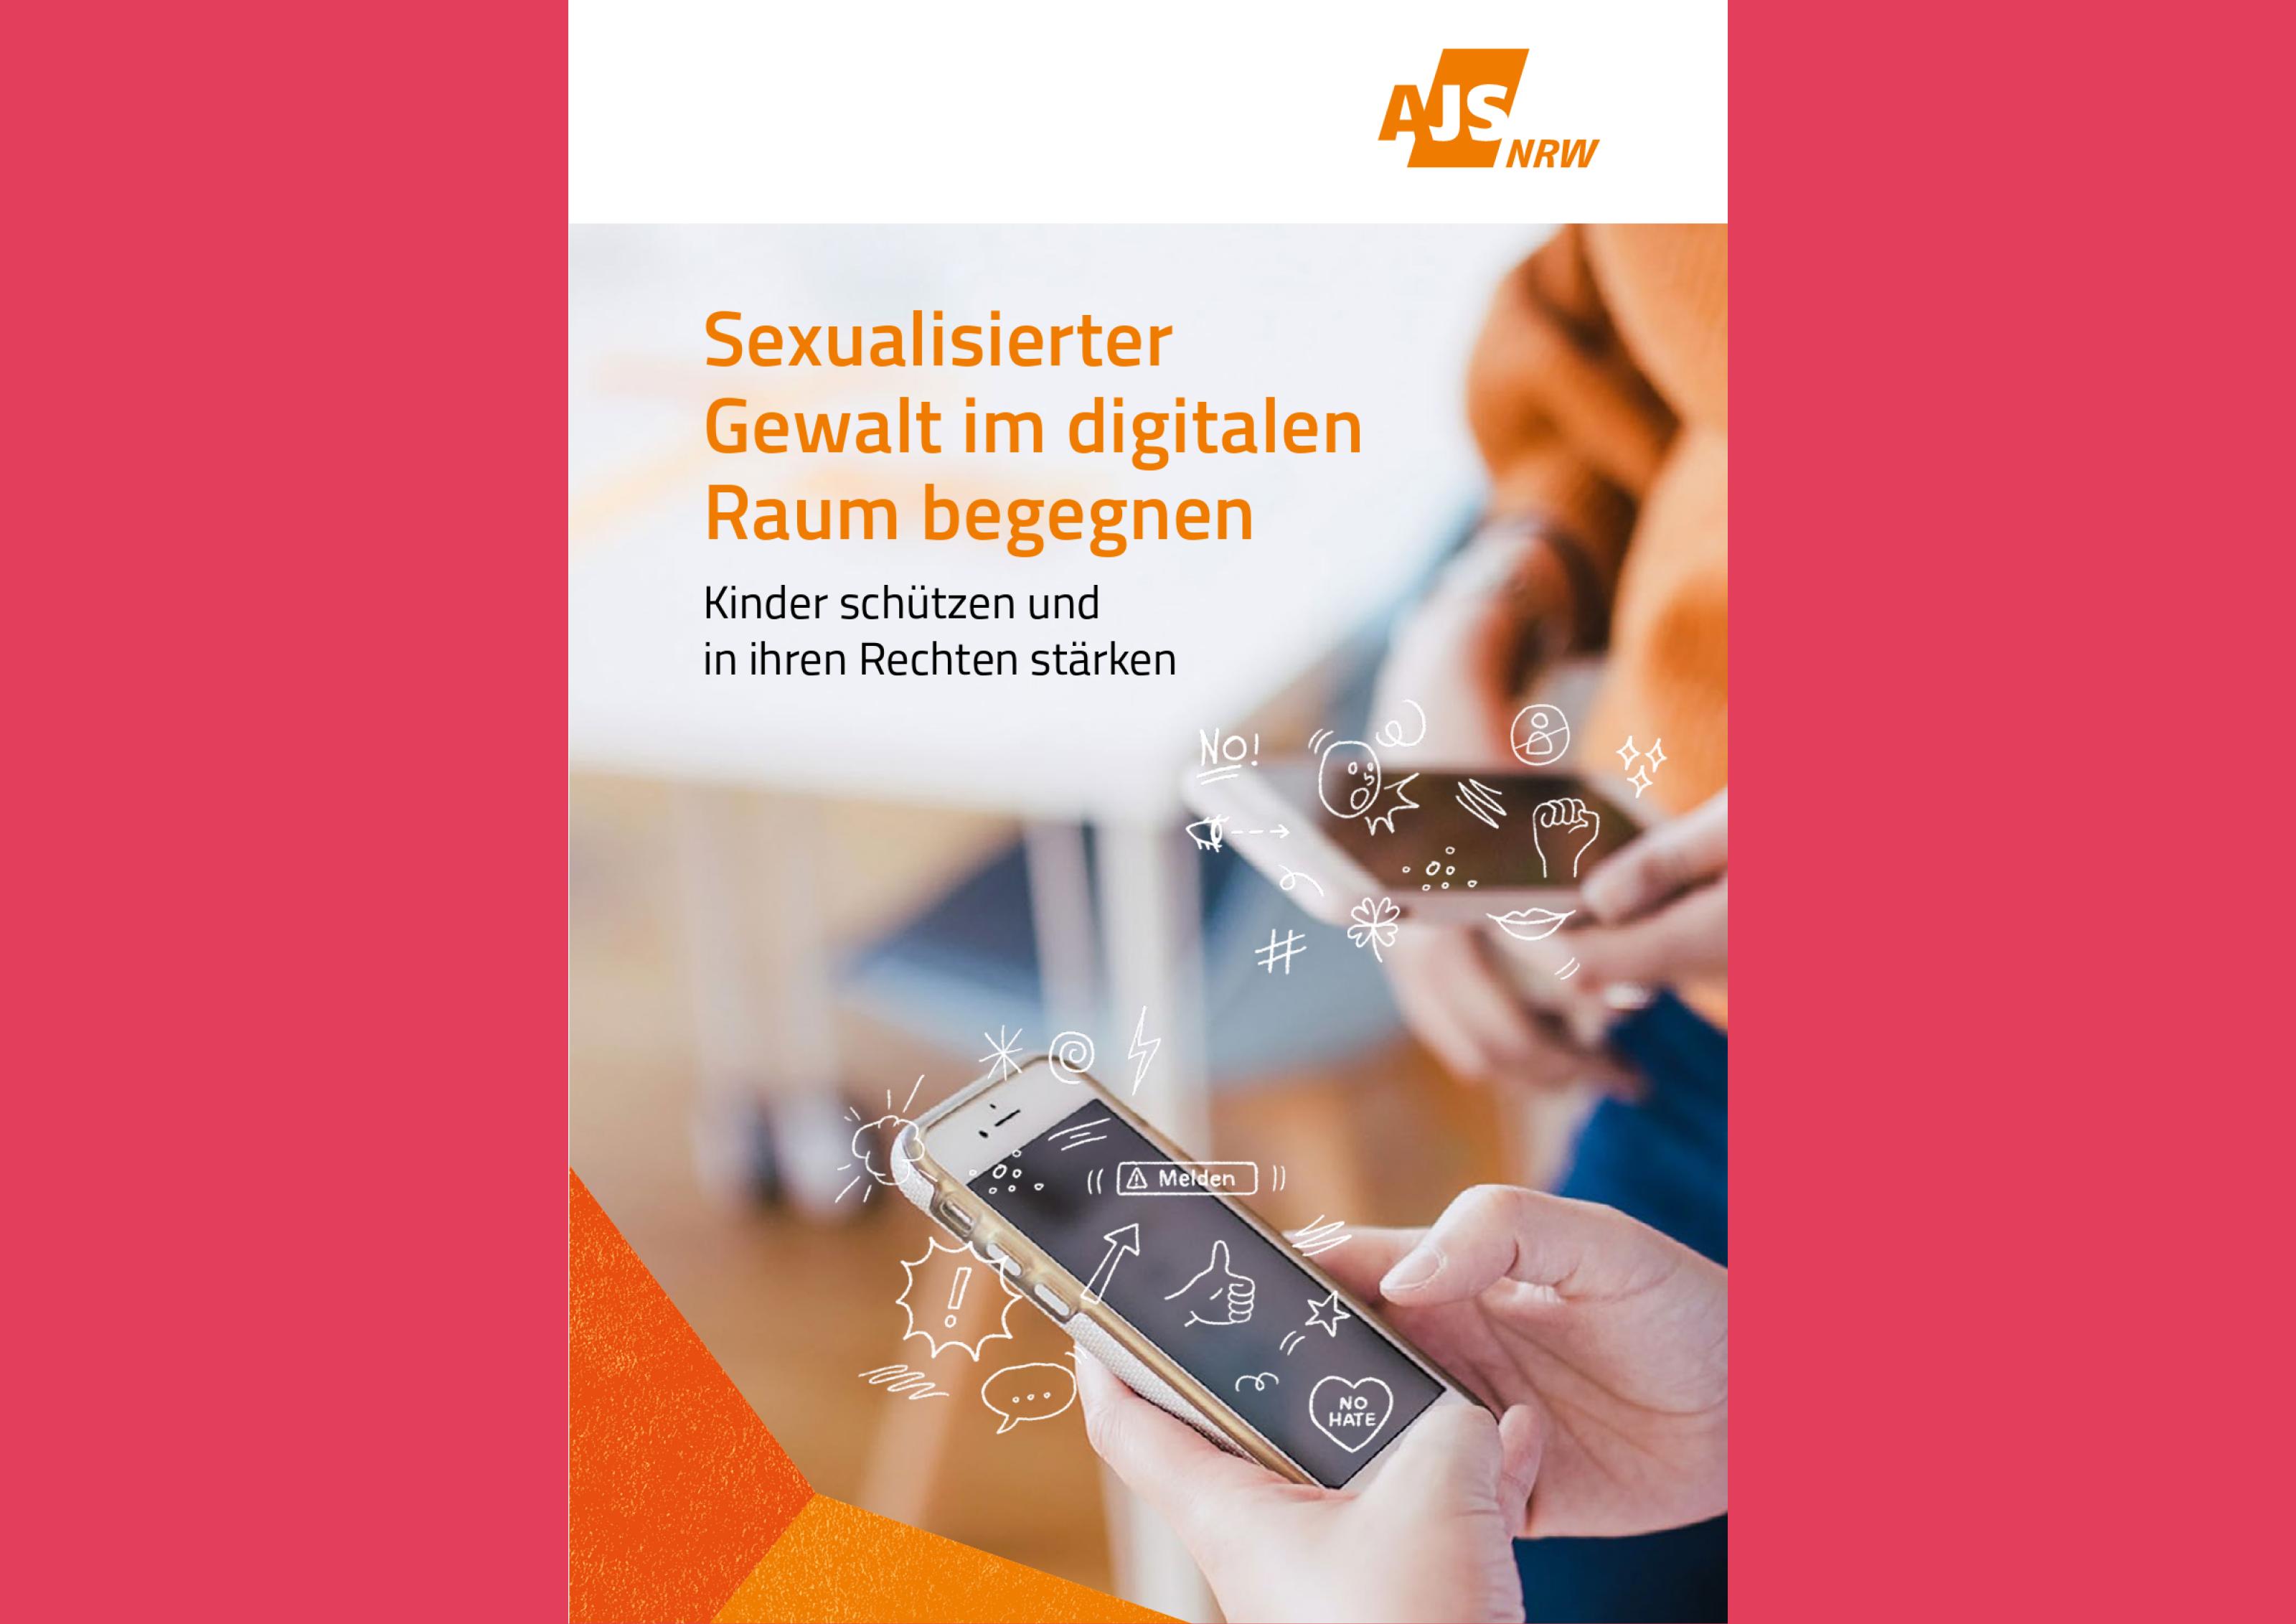 Bildauschnitt von der Startseite Cyber-Grooming, Sexting und sexuelle Grenzverletzung – Kinder in der digitalen Welt stärken und schützen